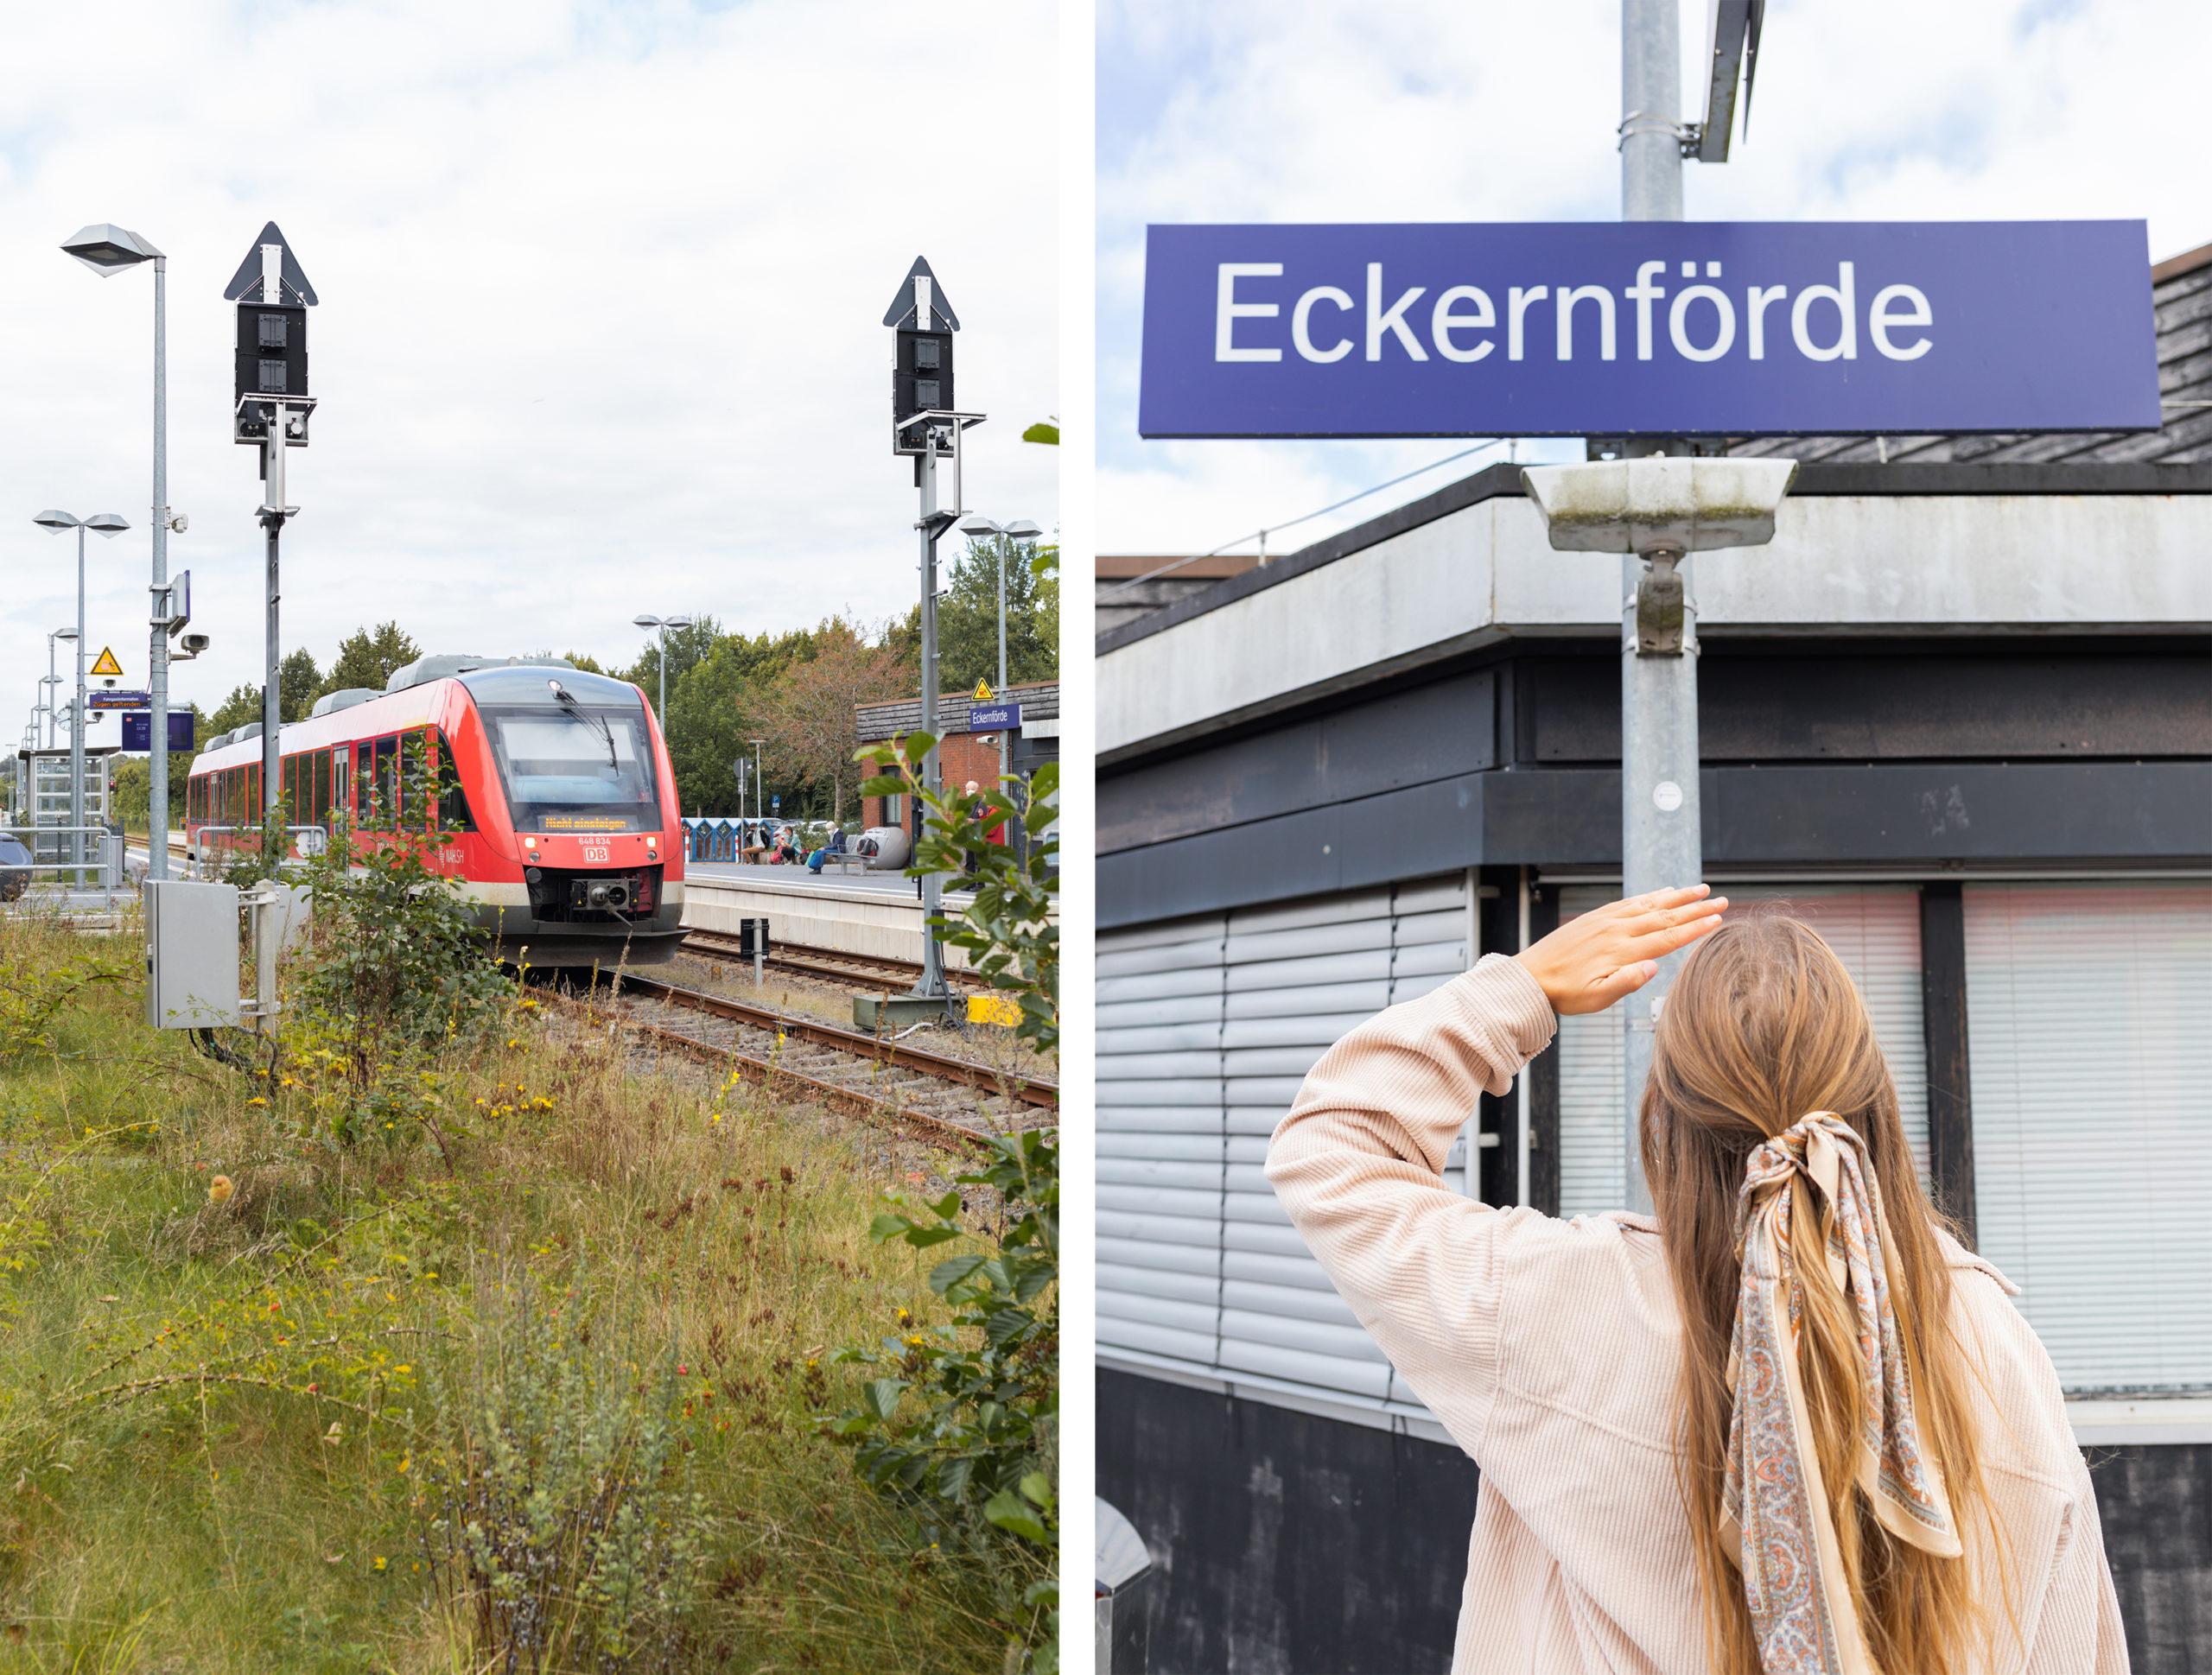 Gleis & Meer: Tipps für Eckernförde